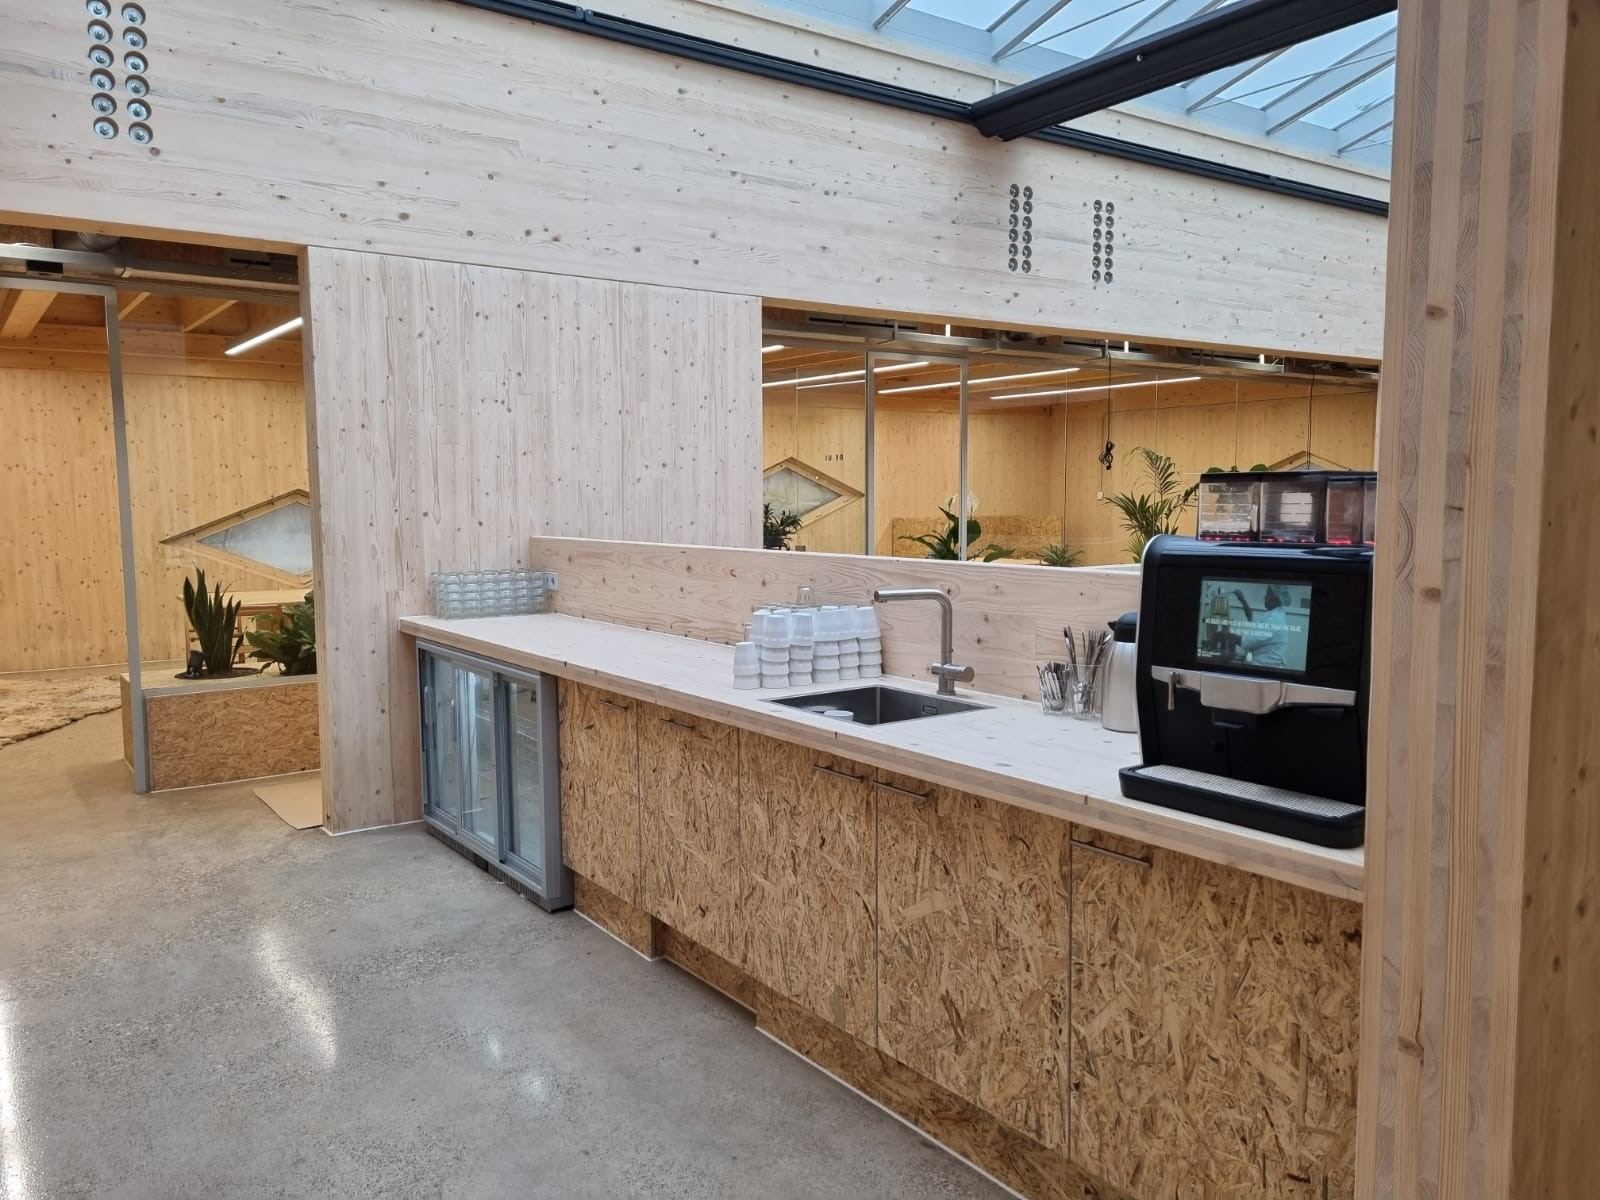 Pantry met koffieautomaat, kraan en koelkast Food Forum